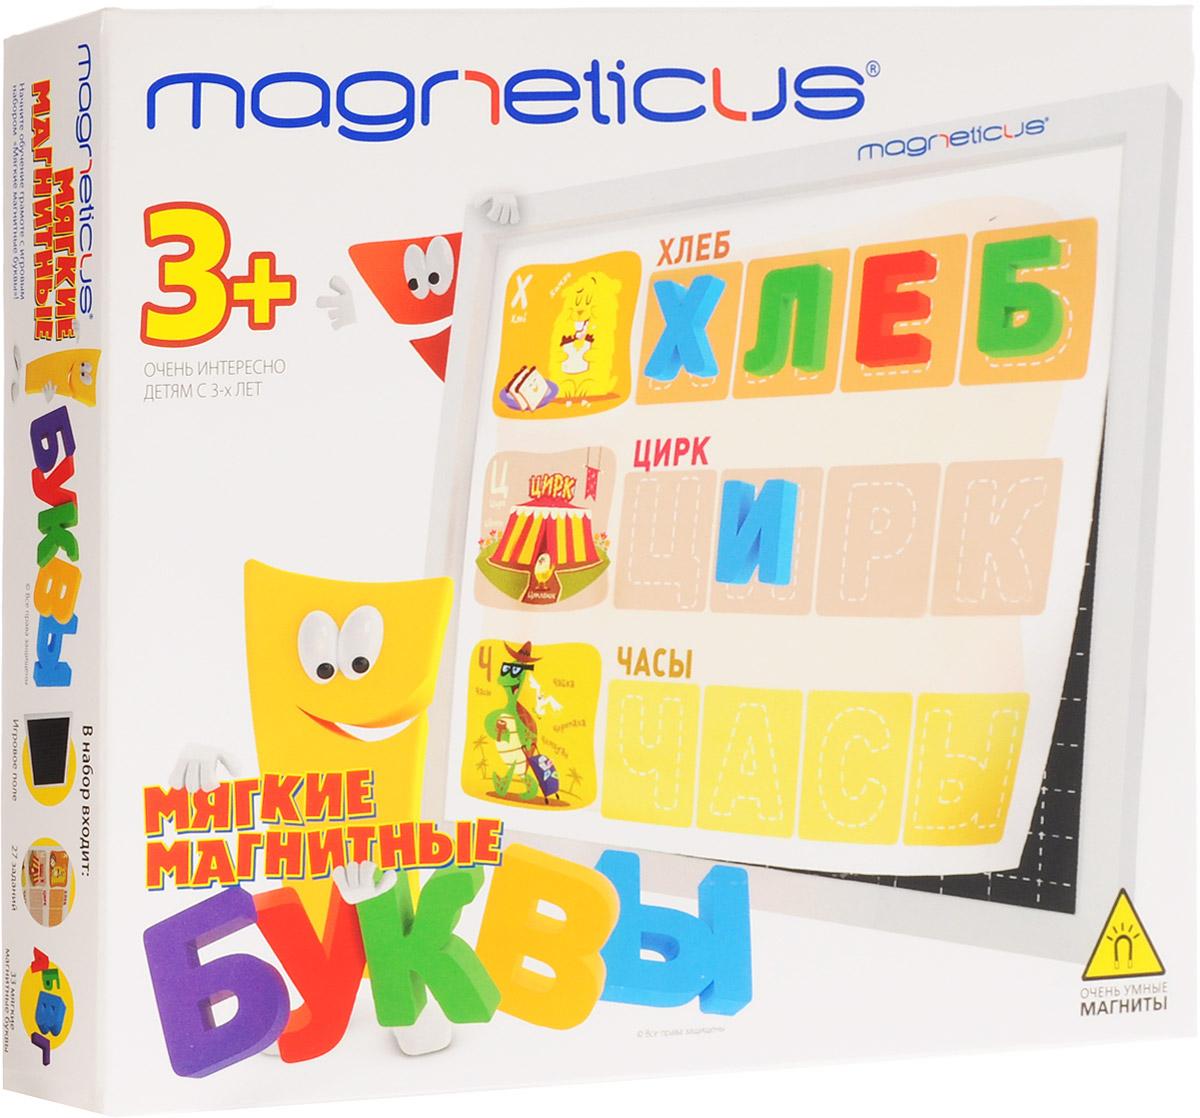 Magneticus Обучающая игра Мягкие магнитные буквы игровой набор magneticus мягкие магнитные цифры num 002